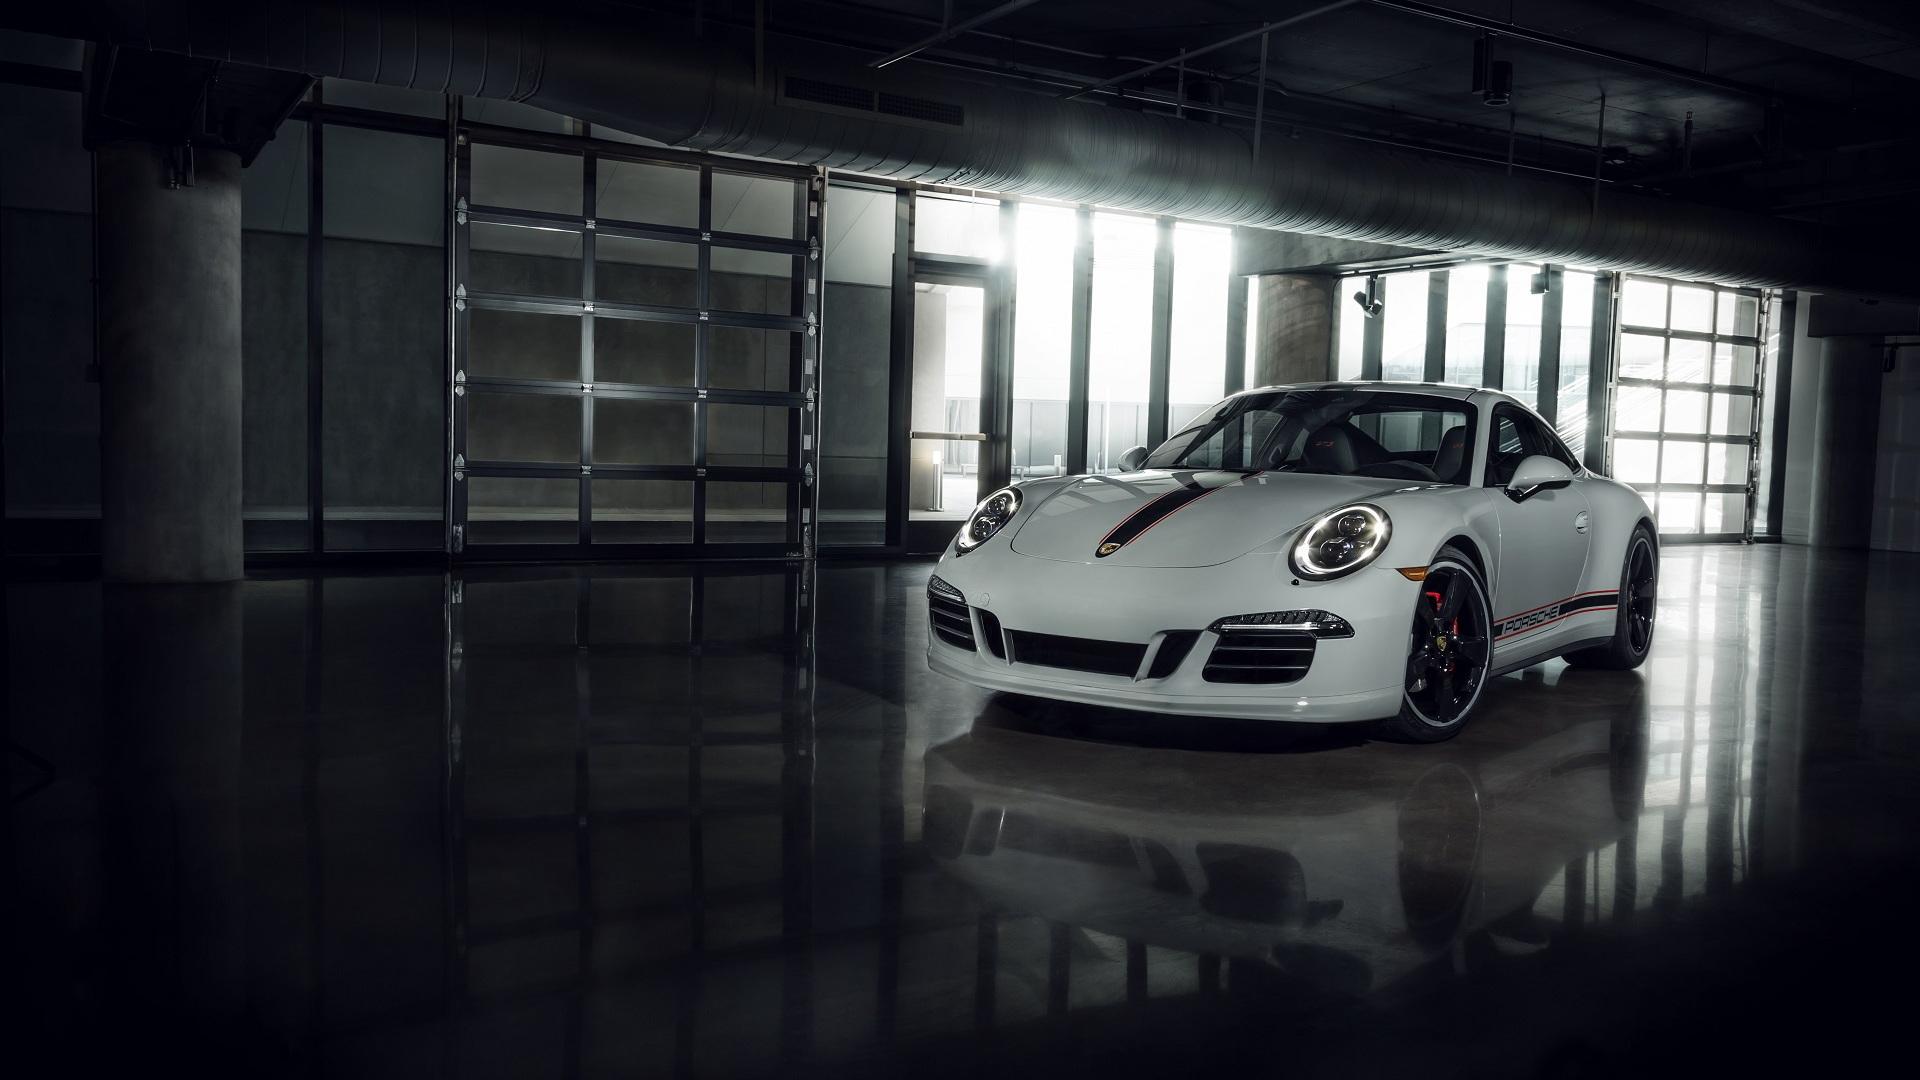 Porsche 911 Carerra GTS Rennsport Reunion Edition